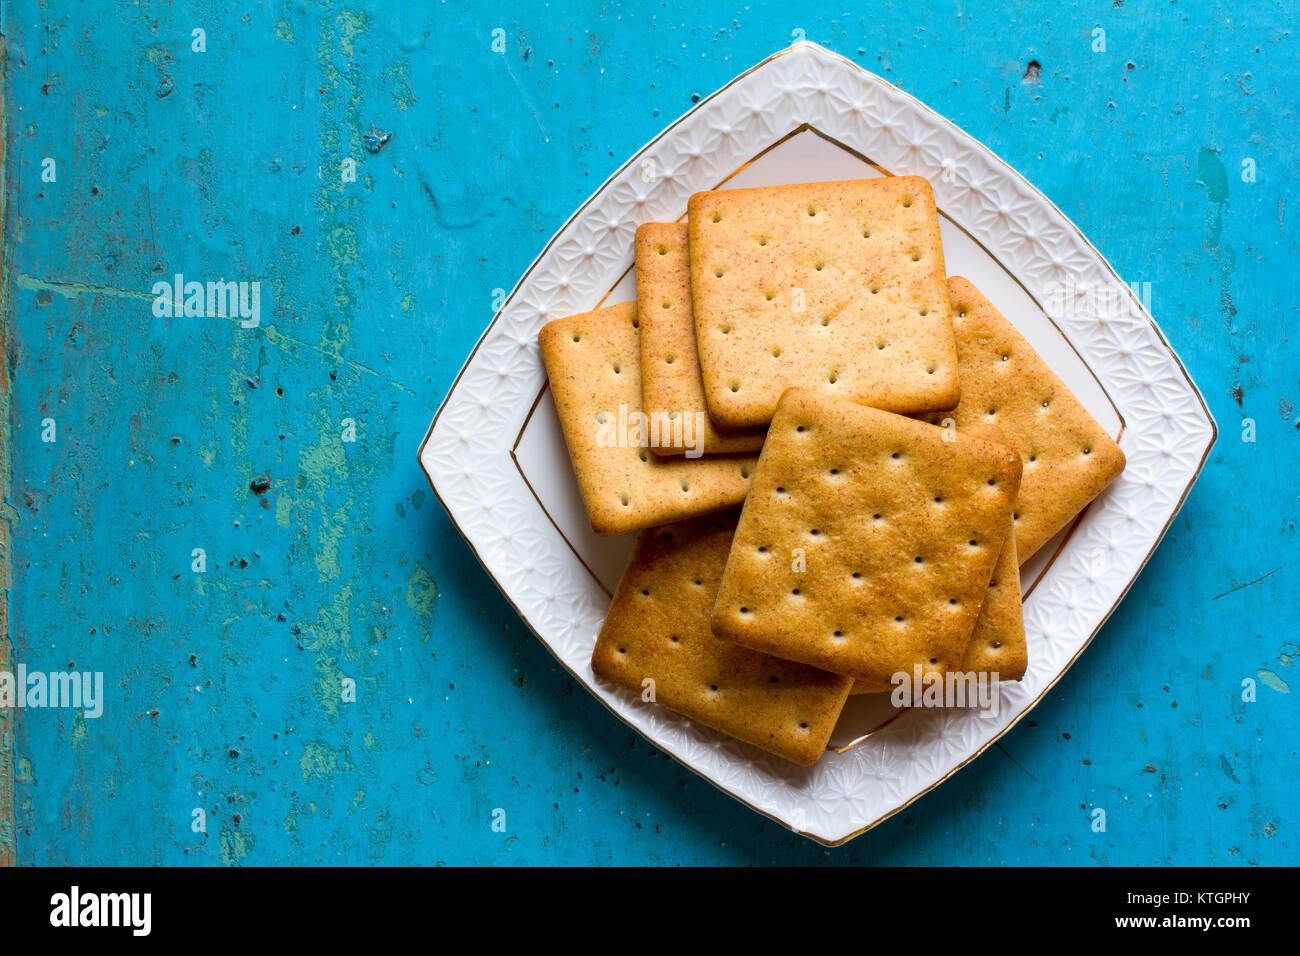 Cracker Kekse in eine weiße Keramik square Untertasse auf alten blauen Hintergrund. Freier Platz für Text. Stockbild